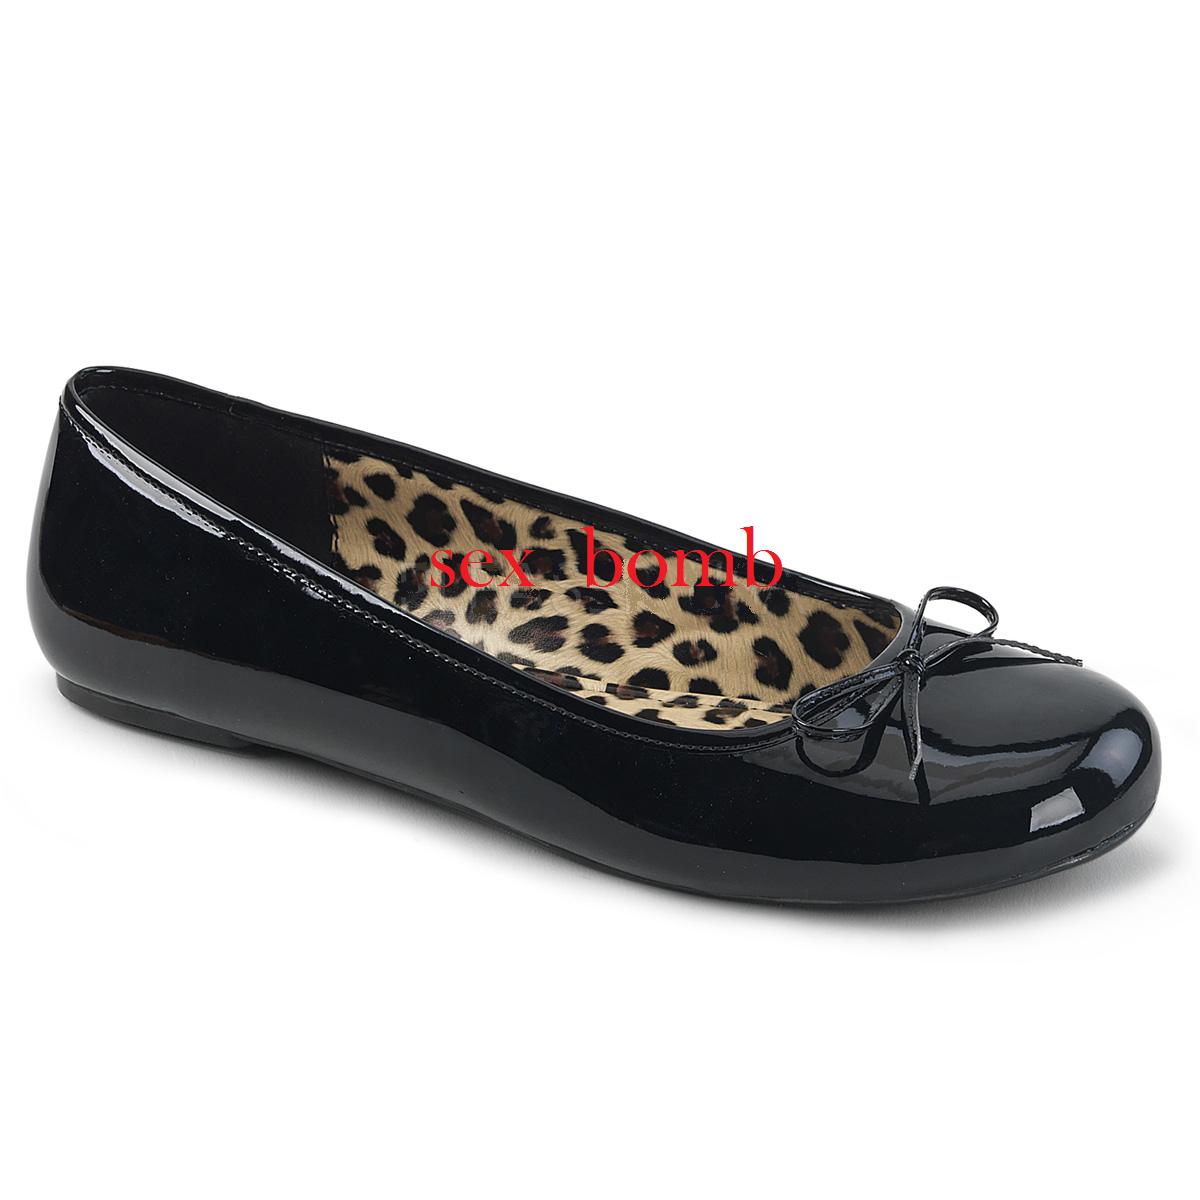 Schuhe BALLERINE NERO dal 39 al 46 NERO BALLERINE LUCIDO fiocchetto tacco flat GLAMOUR fashion 6bc366